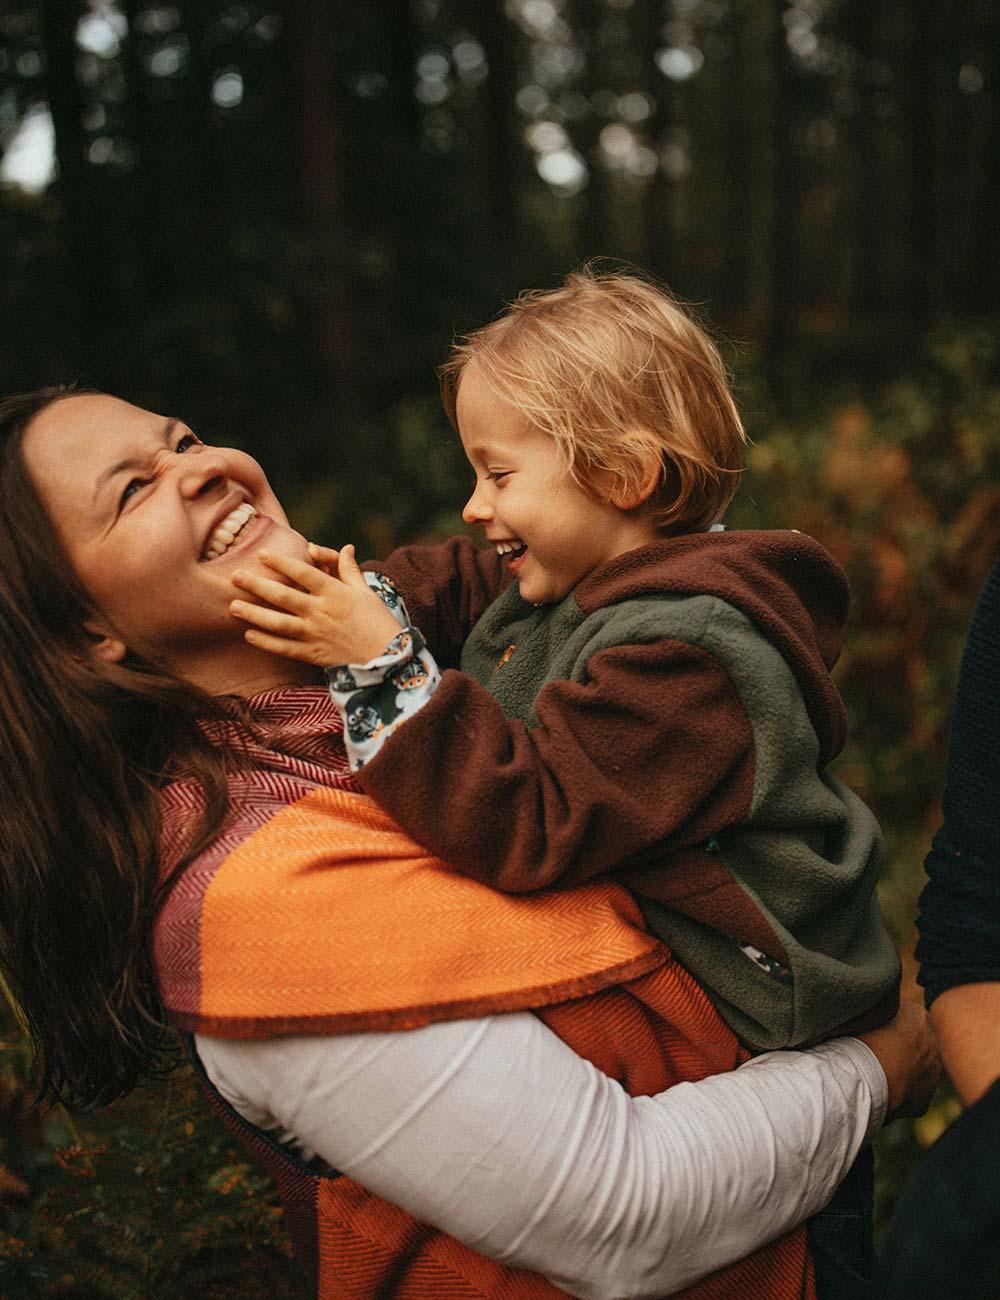 Mutter und Kind im Arm lachen zusammen.